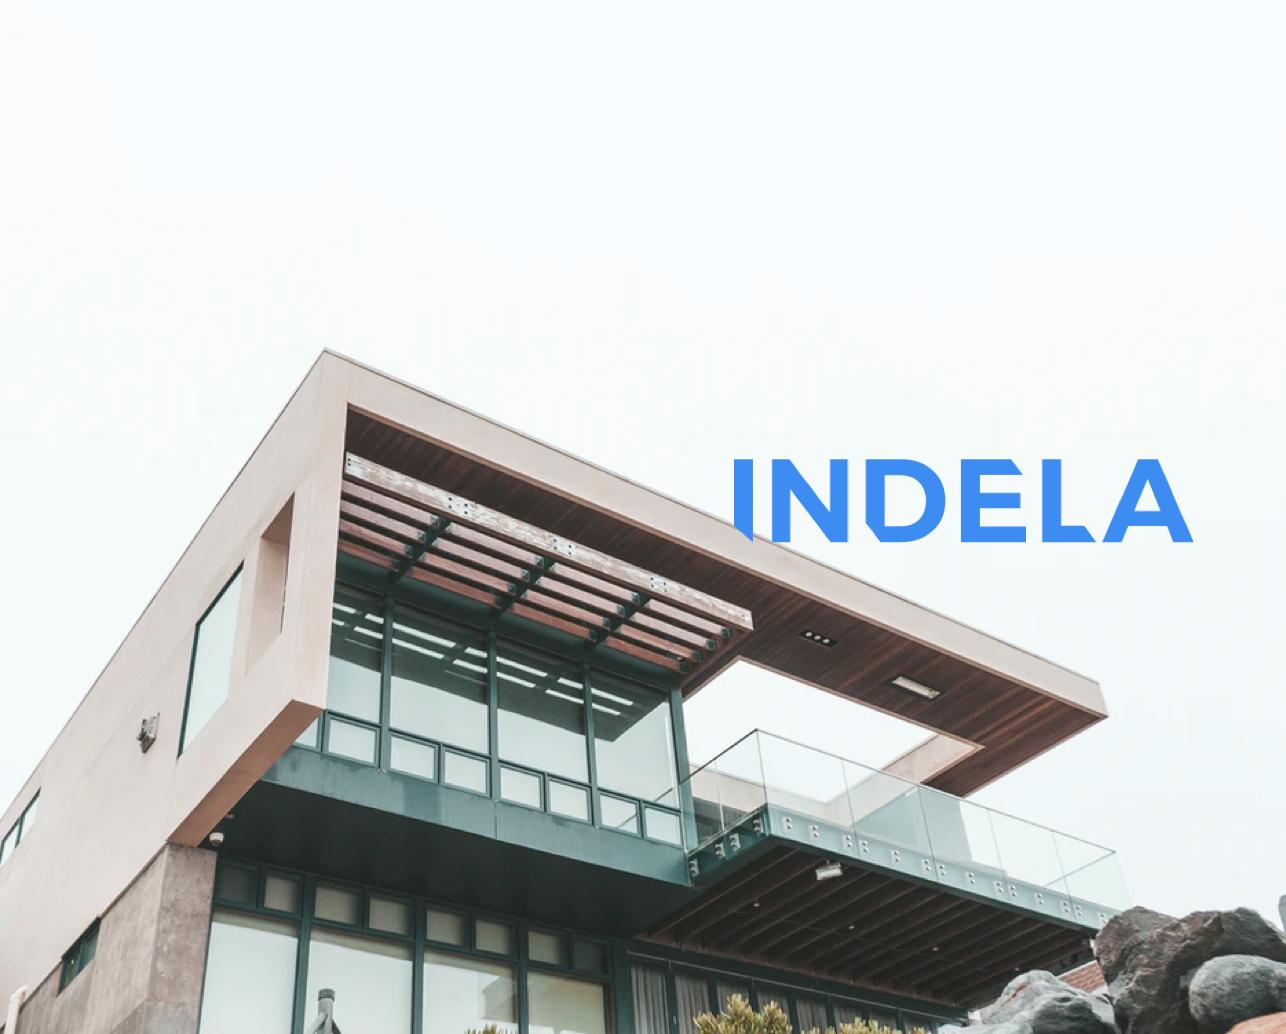 Indela front building